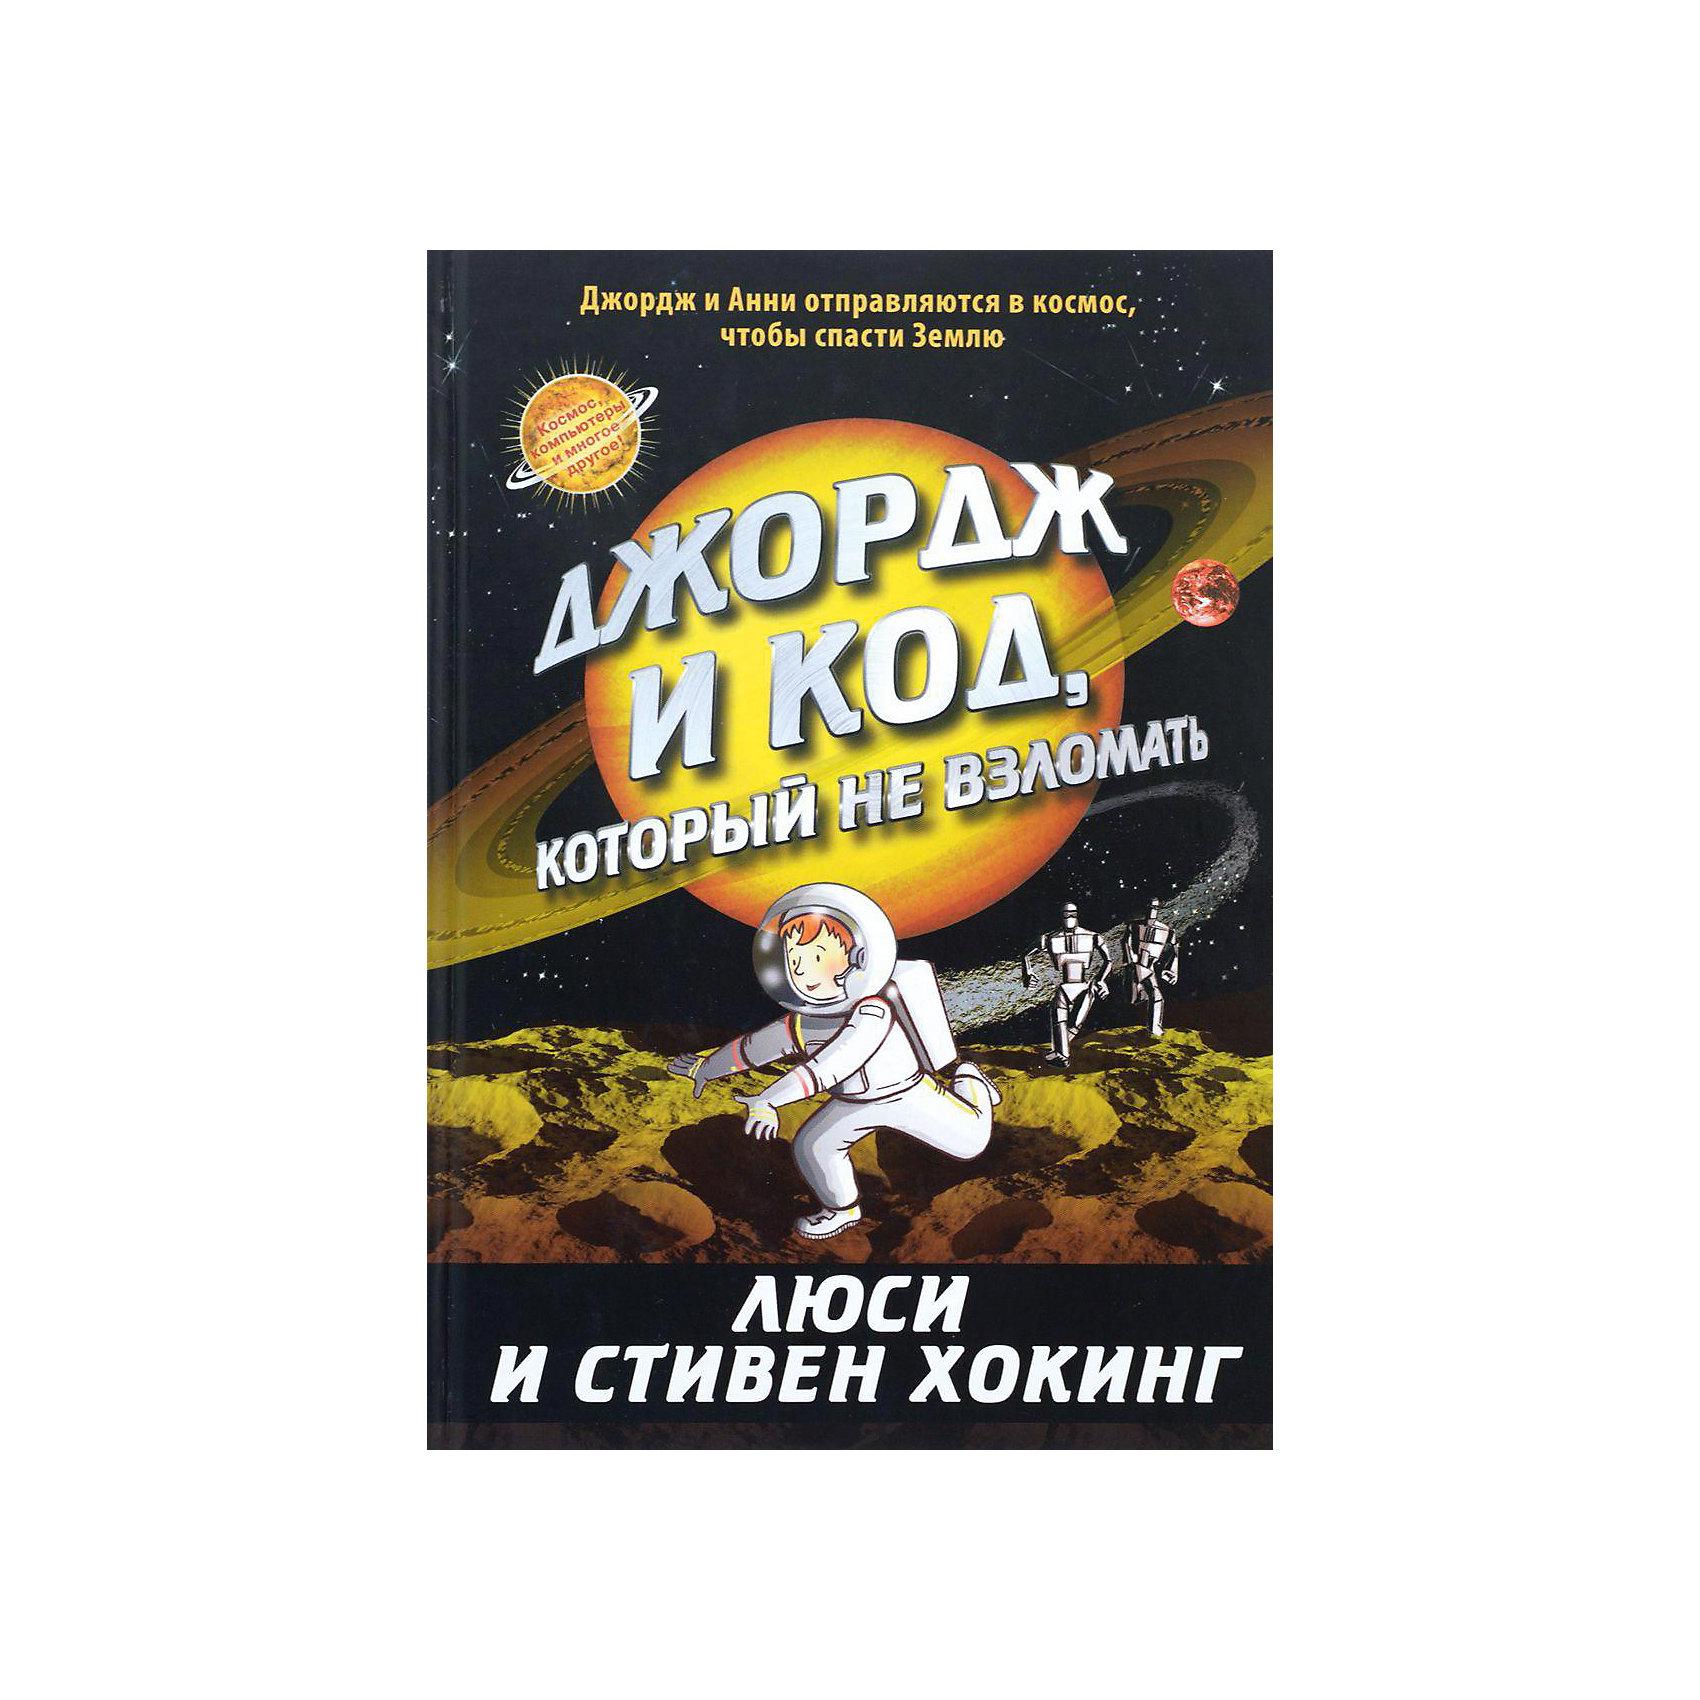 Джордж и код,который не взломать, Л. и С. ХокингСказки, рассказы, стихи<br>Джордж и код,который не взломать, Л. и С. Хокинг – это история о невероятных космических приключениях Джорджа и Анни.<br>«Джордж и код, который не взломать» - это четвертая книга о приключениях Джорджа в космосе, написанная астрофизиком, гениальным пропагандистом науки Стивеном Хокингом и его дочерью, научным журналистом Люси Хокинг. На летних каникулах Джордж и Анни мечтают о новых путешествиях в космос. А тем временем на Земле разворачиваются совершенно невероятные события: банкоматы плюются деньгами, товары раздаются бесплатно, полки магазинов пустеют, начинаются грабежи, разбои, хаос. Теле- и радиовещание прерываются странными сообщениями... Что происходит? Неужели неведомый? сверхмощный? компьютер взломал все остальные компьютеры планеты?! Чтобы спасти мир, Джордж и Анни отправляются на встречу с космическими роботами-злодеями. В книге, написанной простым и понятным для детского восприятия языком, излагается научная информация, основные понятия и законы физики, и самые последние новости из области космических исследований. Захватывающий сюжет и простота, с которой Стивен и Люси Хокинг рассказывают о сложных вещах, способны пробудить живой интерес к науке. Для среднего школьного возраста.<br><br>Дополнительная информация:<br><br>- Авторы: Хокинг Люси, Хокинг Стивен <br>- Художник: Парсонс Гарри<br>- Переводчик: Канищева Е. Д.<br>- Редактор: Сурдин В. Г.<br>- Издательство: Розовый жираф, 2016 г.<br>- Серия: Джордж<br>- Тип обложки: 7Б - твердая (плотная бумага или картон)<br>- Иллюстрации: черно-белые, цветные<br>- Количество страниц: 352 (офсет)<br>- Размер: 222x161x29 мм.<br>- Вес: 716 гр.<br><br>Книгу «Джордж и код,который не взломать», Л. и С. Хокинг можно купить в нашем интернет-магазине.<br><br>Ширина мм: 161<br>Глубина мм: 29<br>Высота мм: 222<br>Вес г: 716<br>Возраст от месяцев: 72<br>Возраст до месяцев: 2147483647<br>Пол: Унисекс<br>Возраст: Детский<br>SKU: 4916609